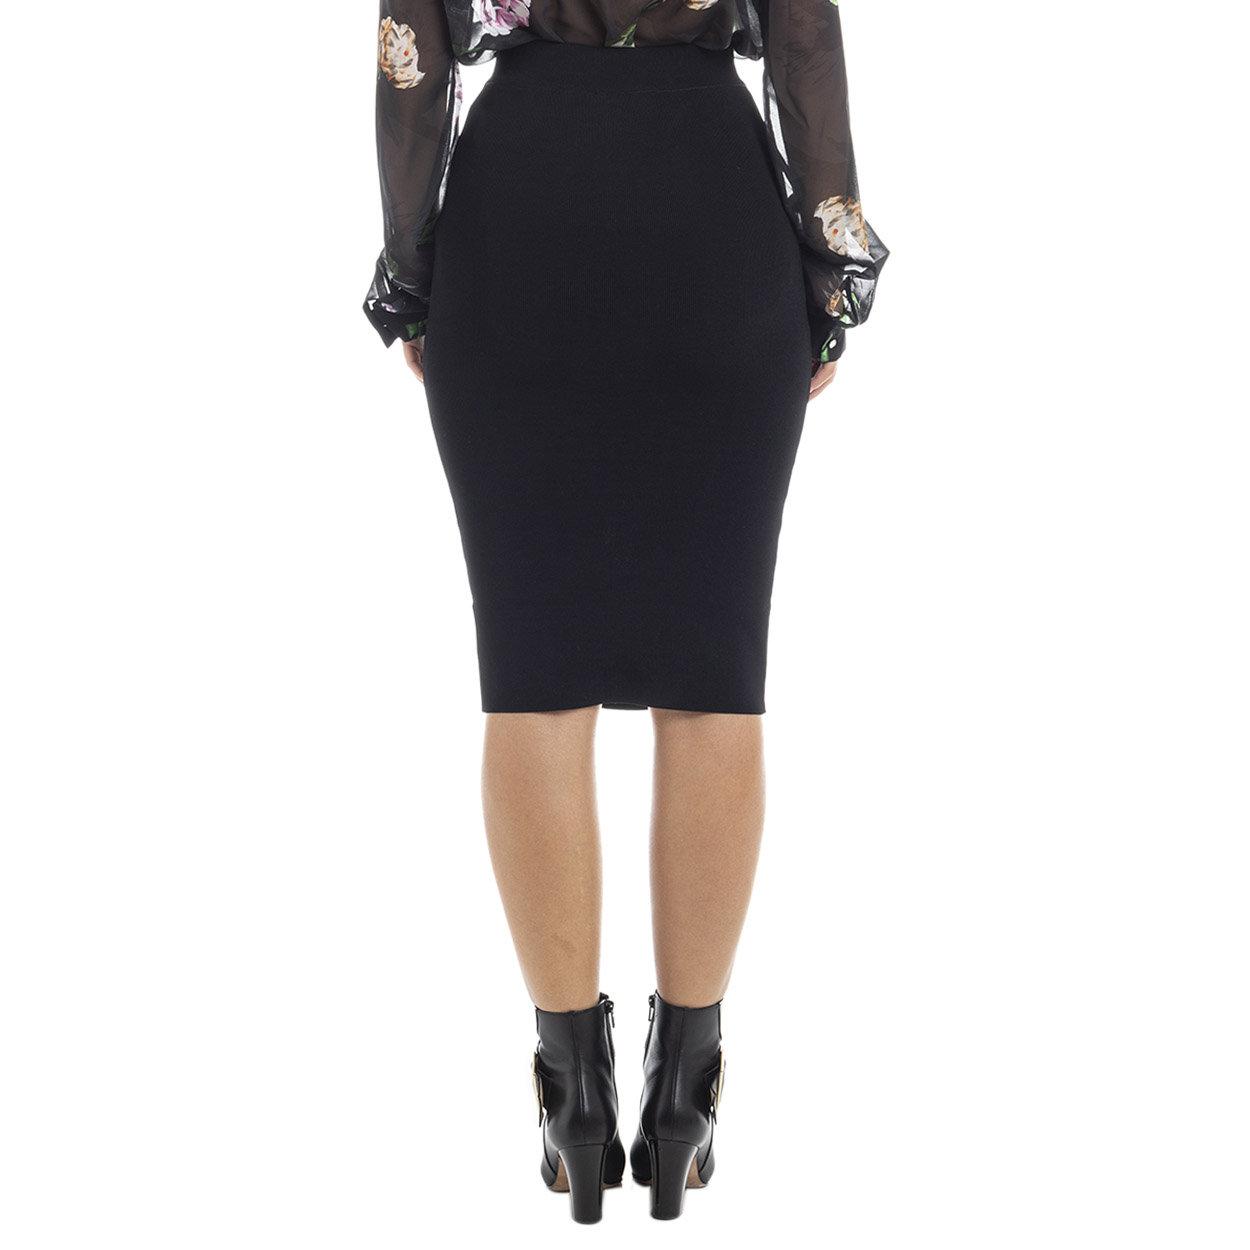 Longuette con dettaglio a corsetto nera Guess by Marciano Acquista su Ventis.